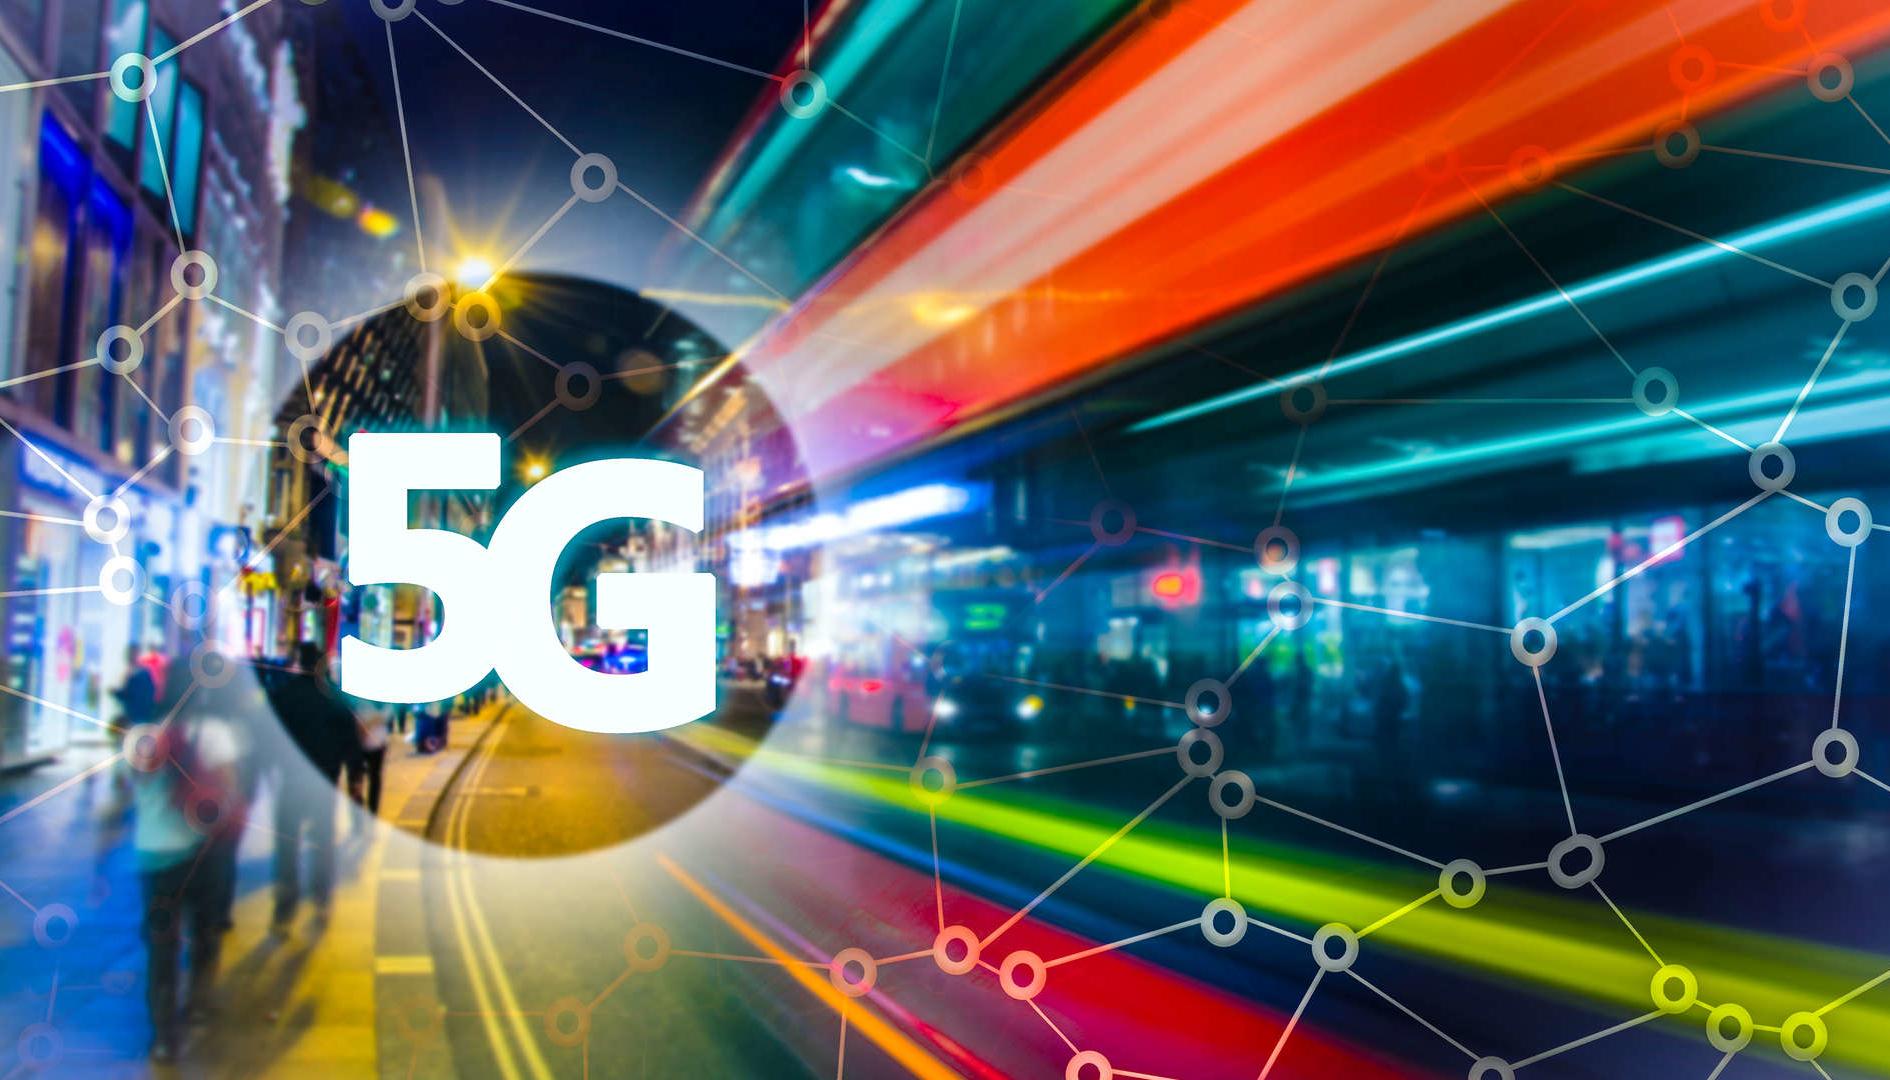 TIM accende il 5G e presenta i servizi digitali del futuro